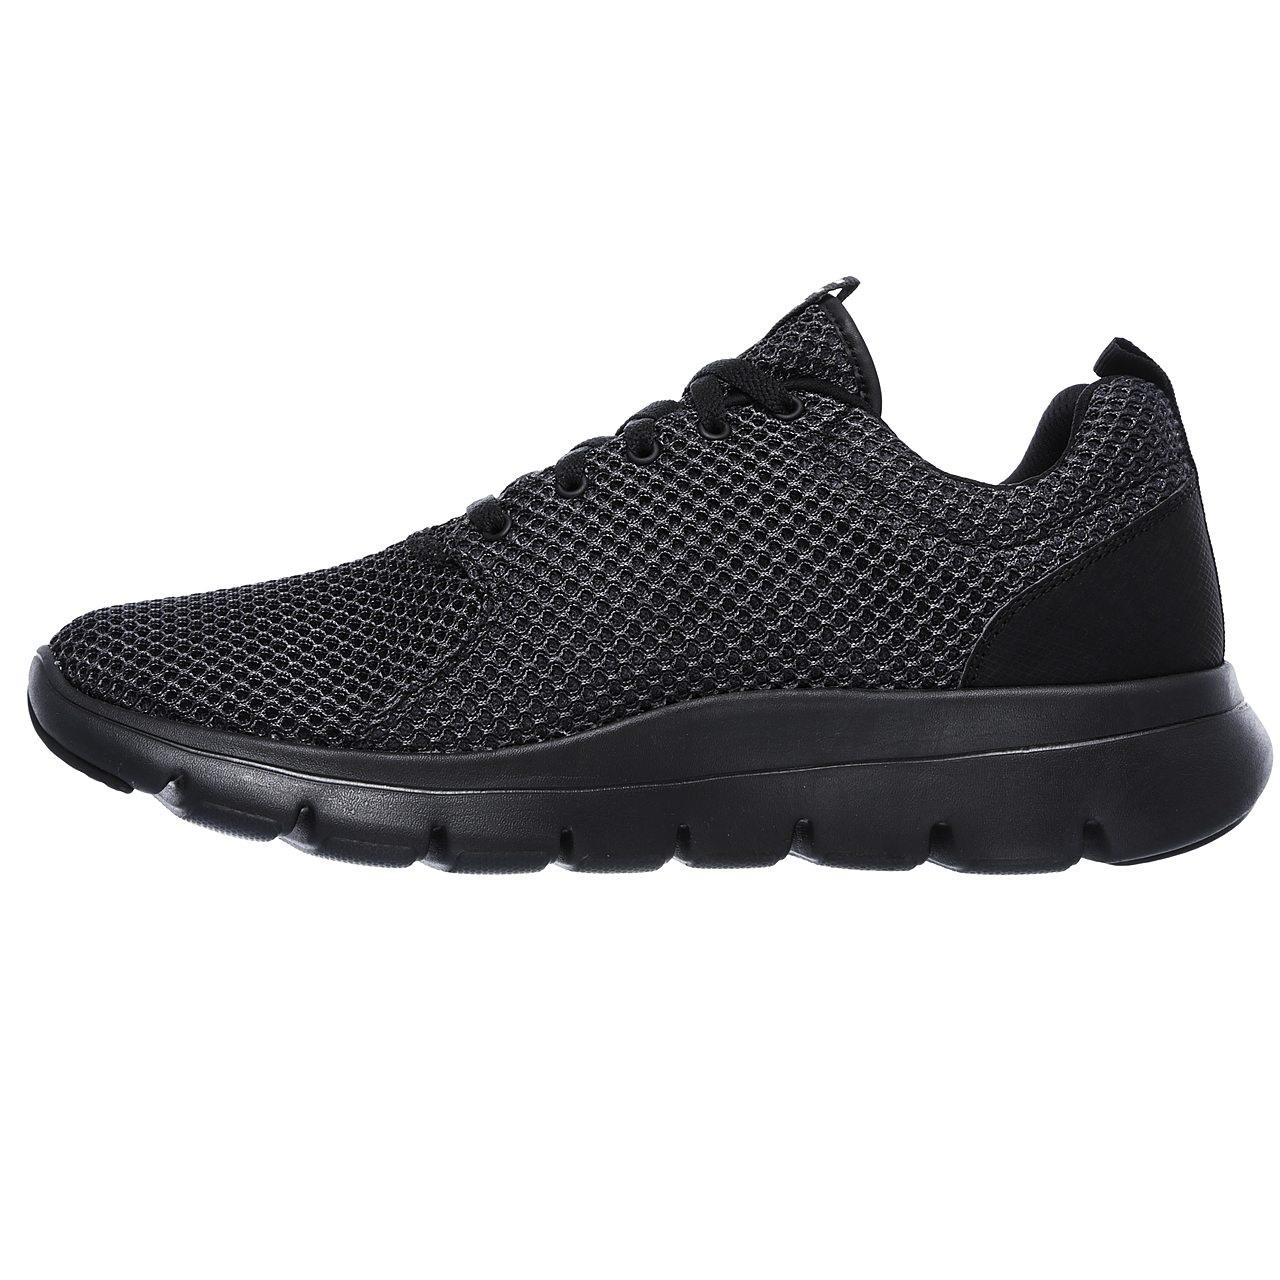 قیمت کفش مخصوص پیاده روی مردانه اسکچرز مدل 52832bbk